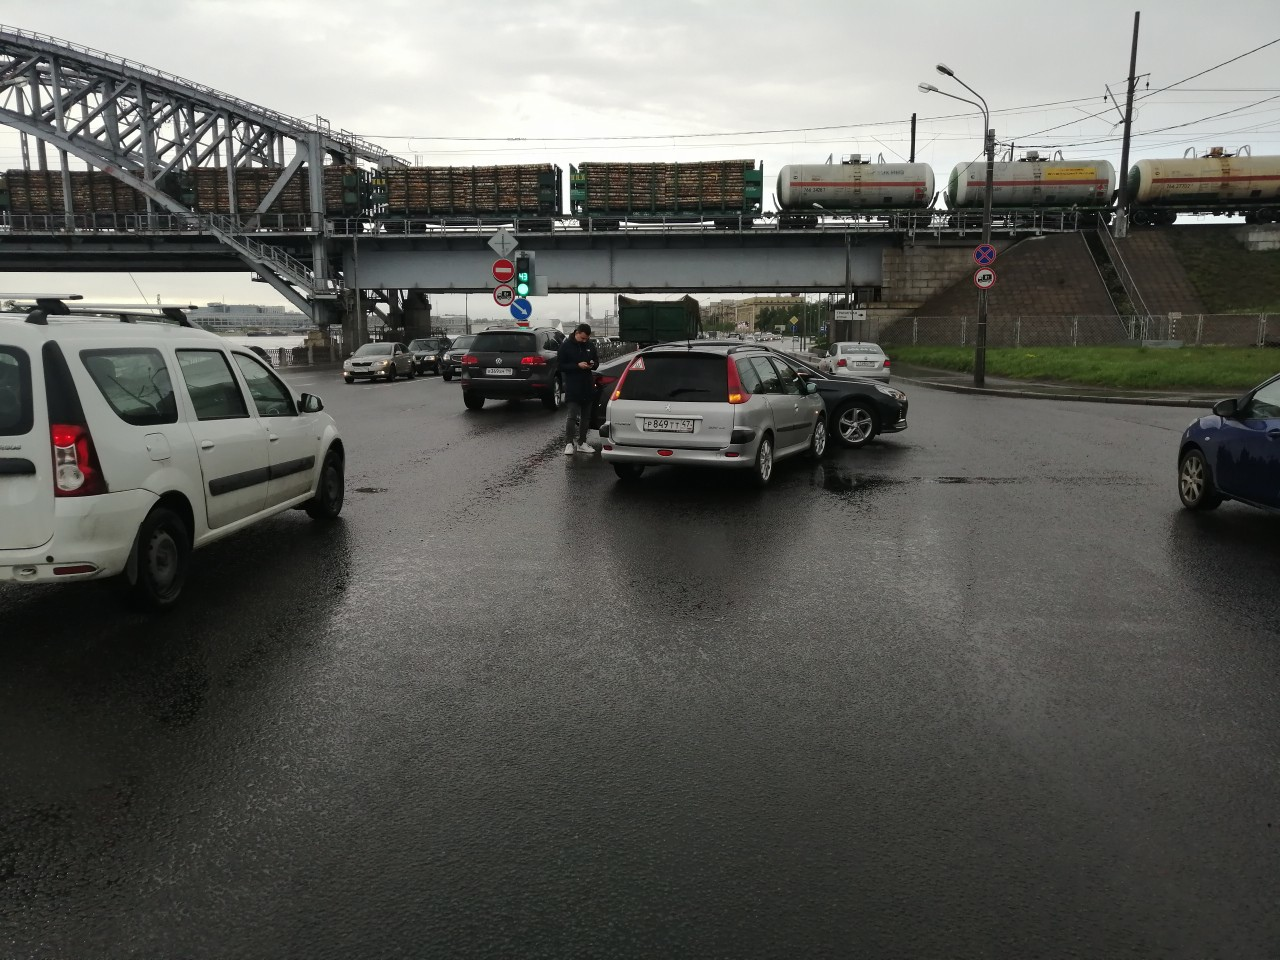 21.05 в 17:40-17:50 произошло ДТП на пересечении Октябрьской набережной и Зольной улицы. Прошу откли...